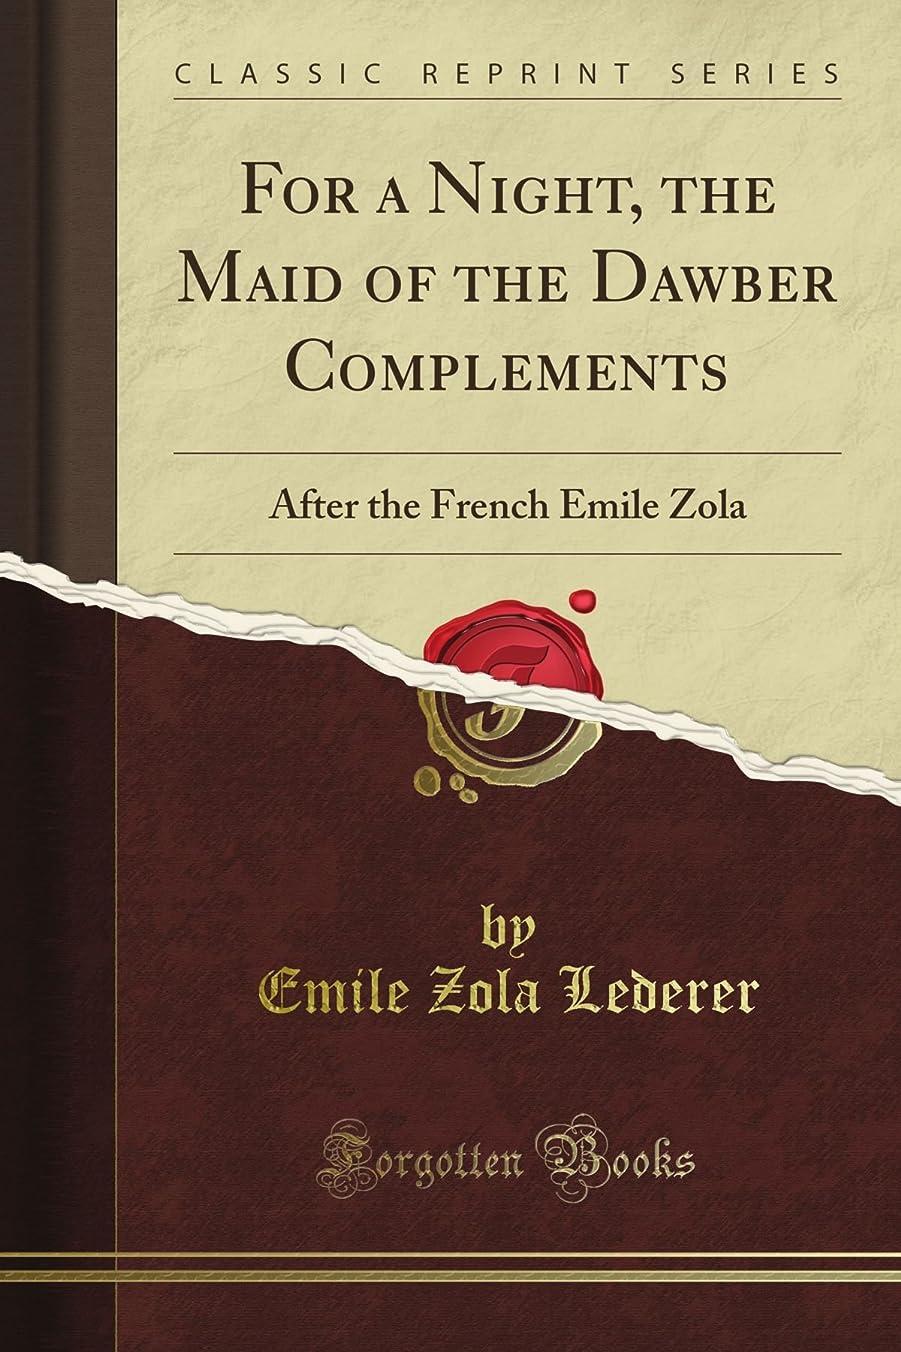 キャンパス計算違反するFor a Night, the Maid of the Dawber Complements: After the French Emile Zola (Classic Reprint)